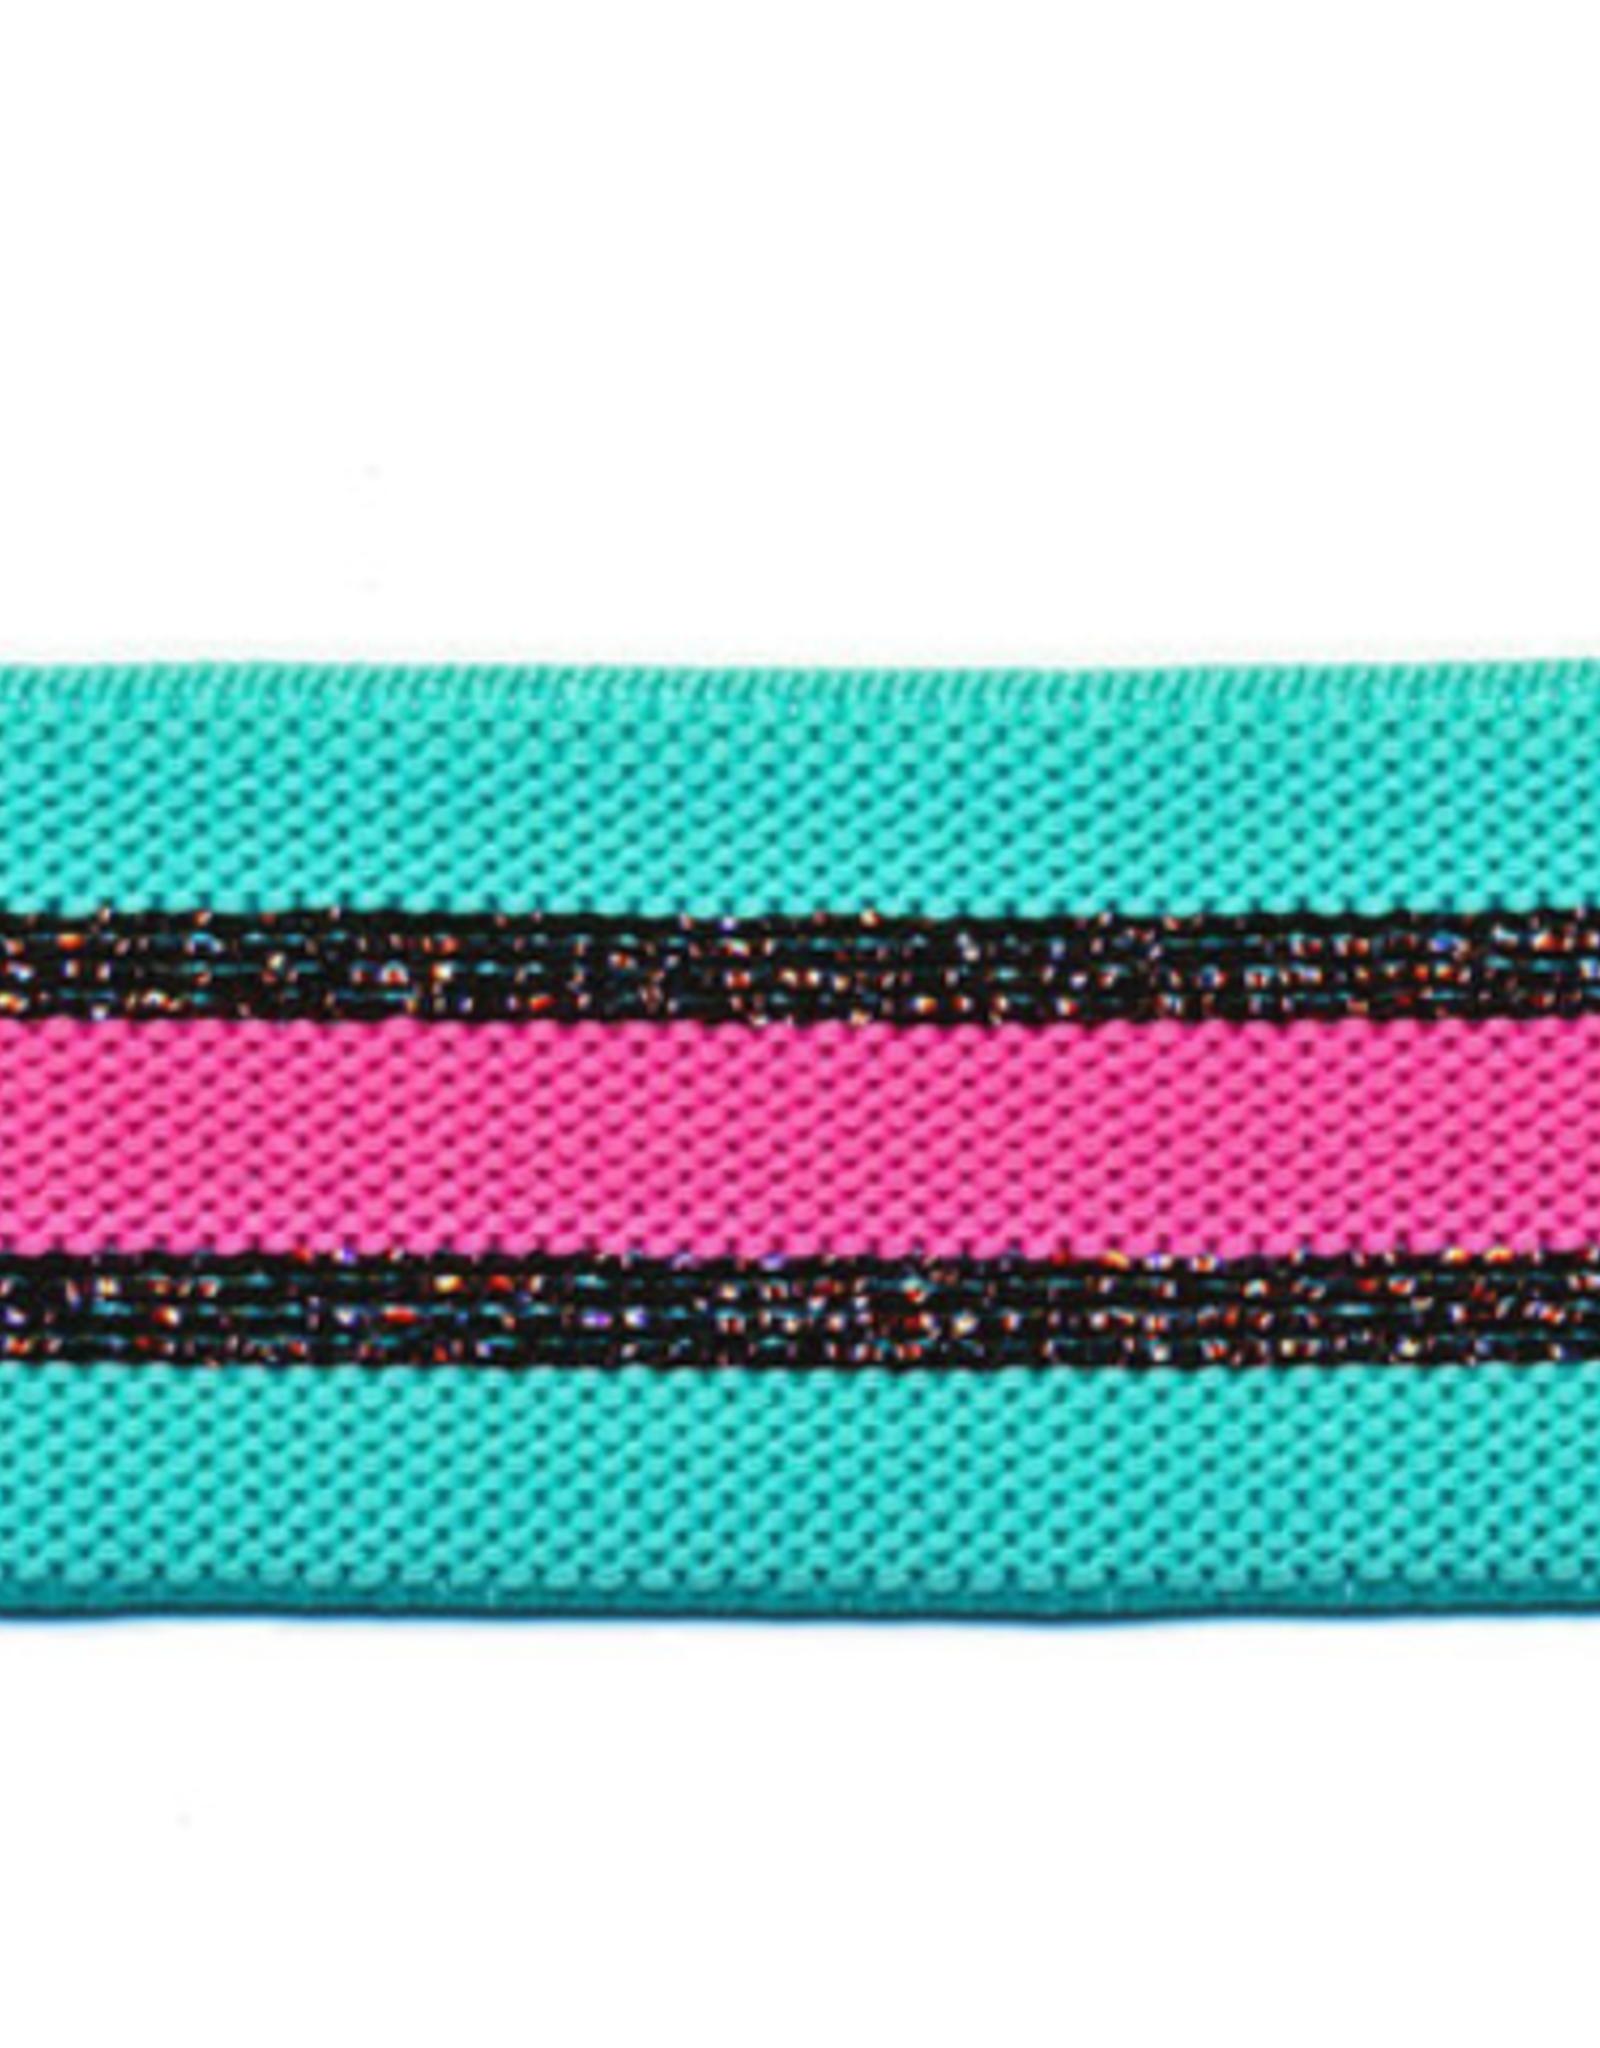 Gestreepte elastiek 30mm - Appelblauwzeegroen/Roze